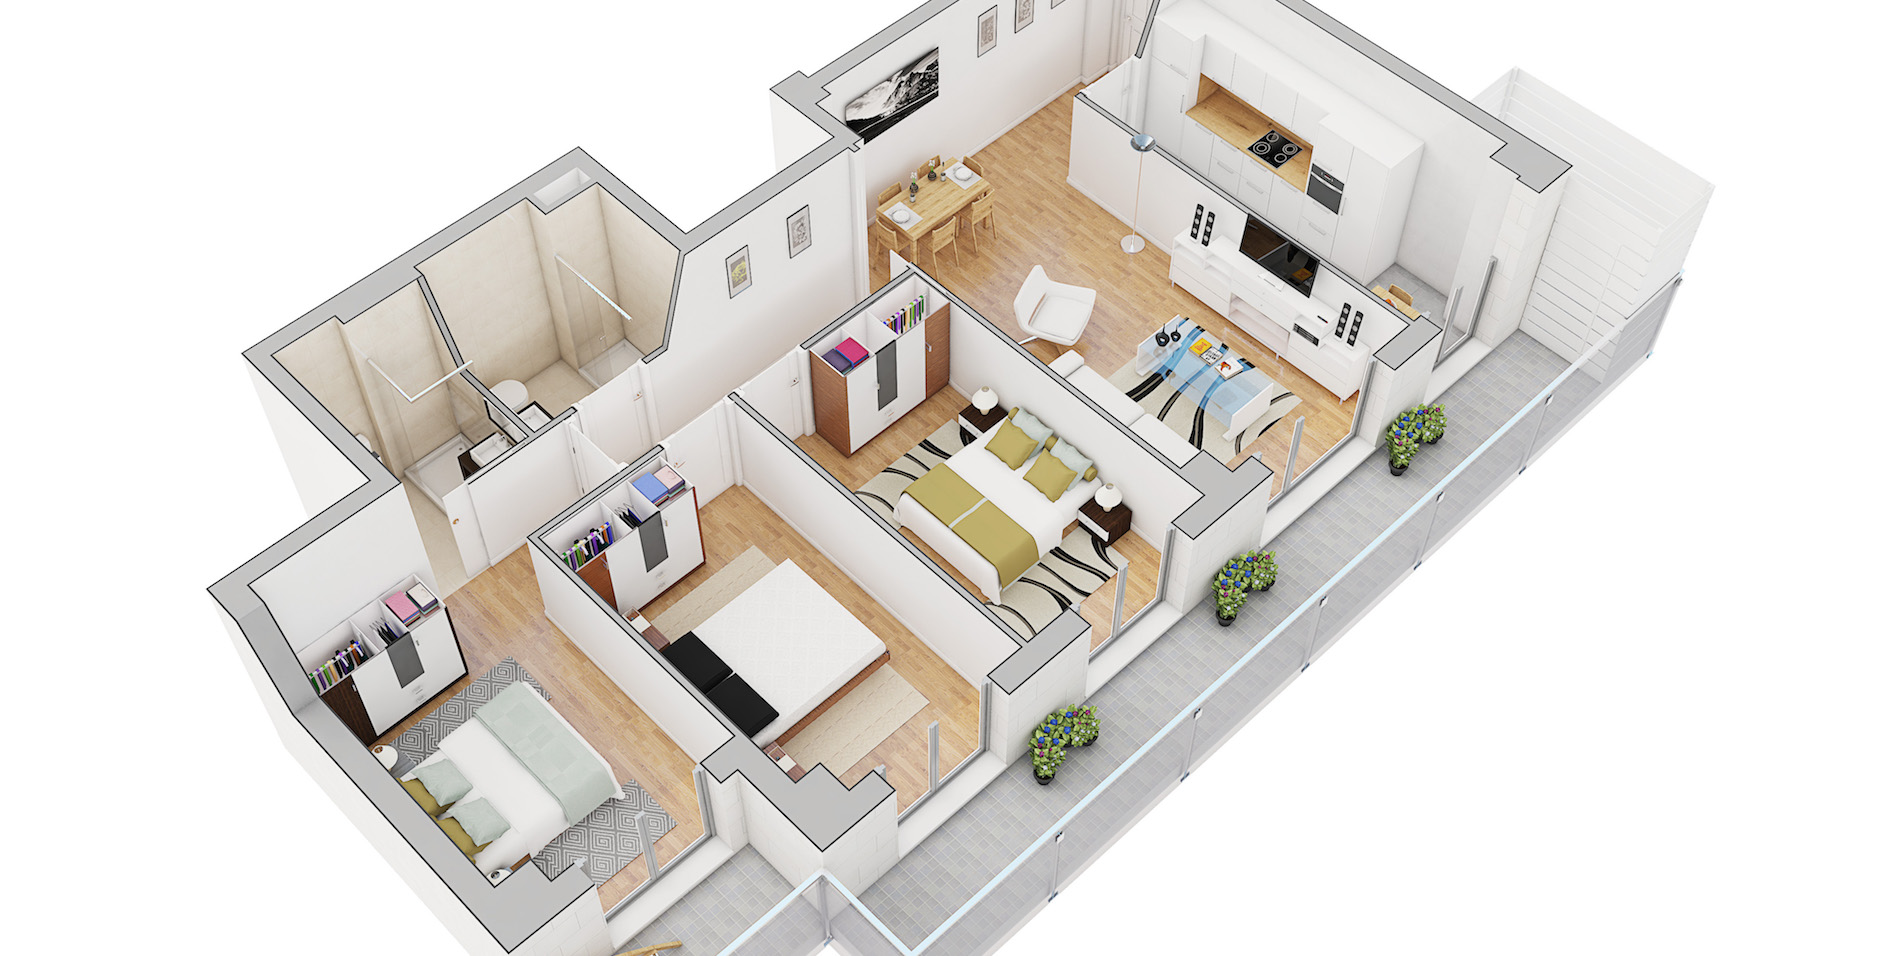 plano vivienda ingirutik